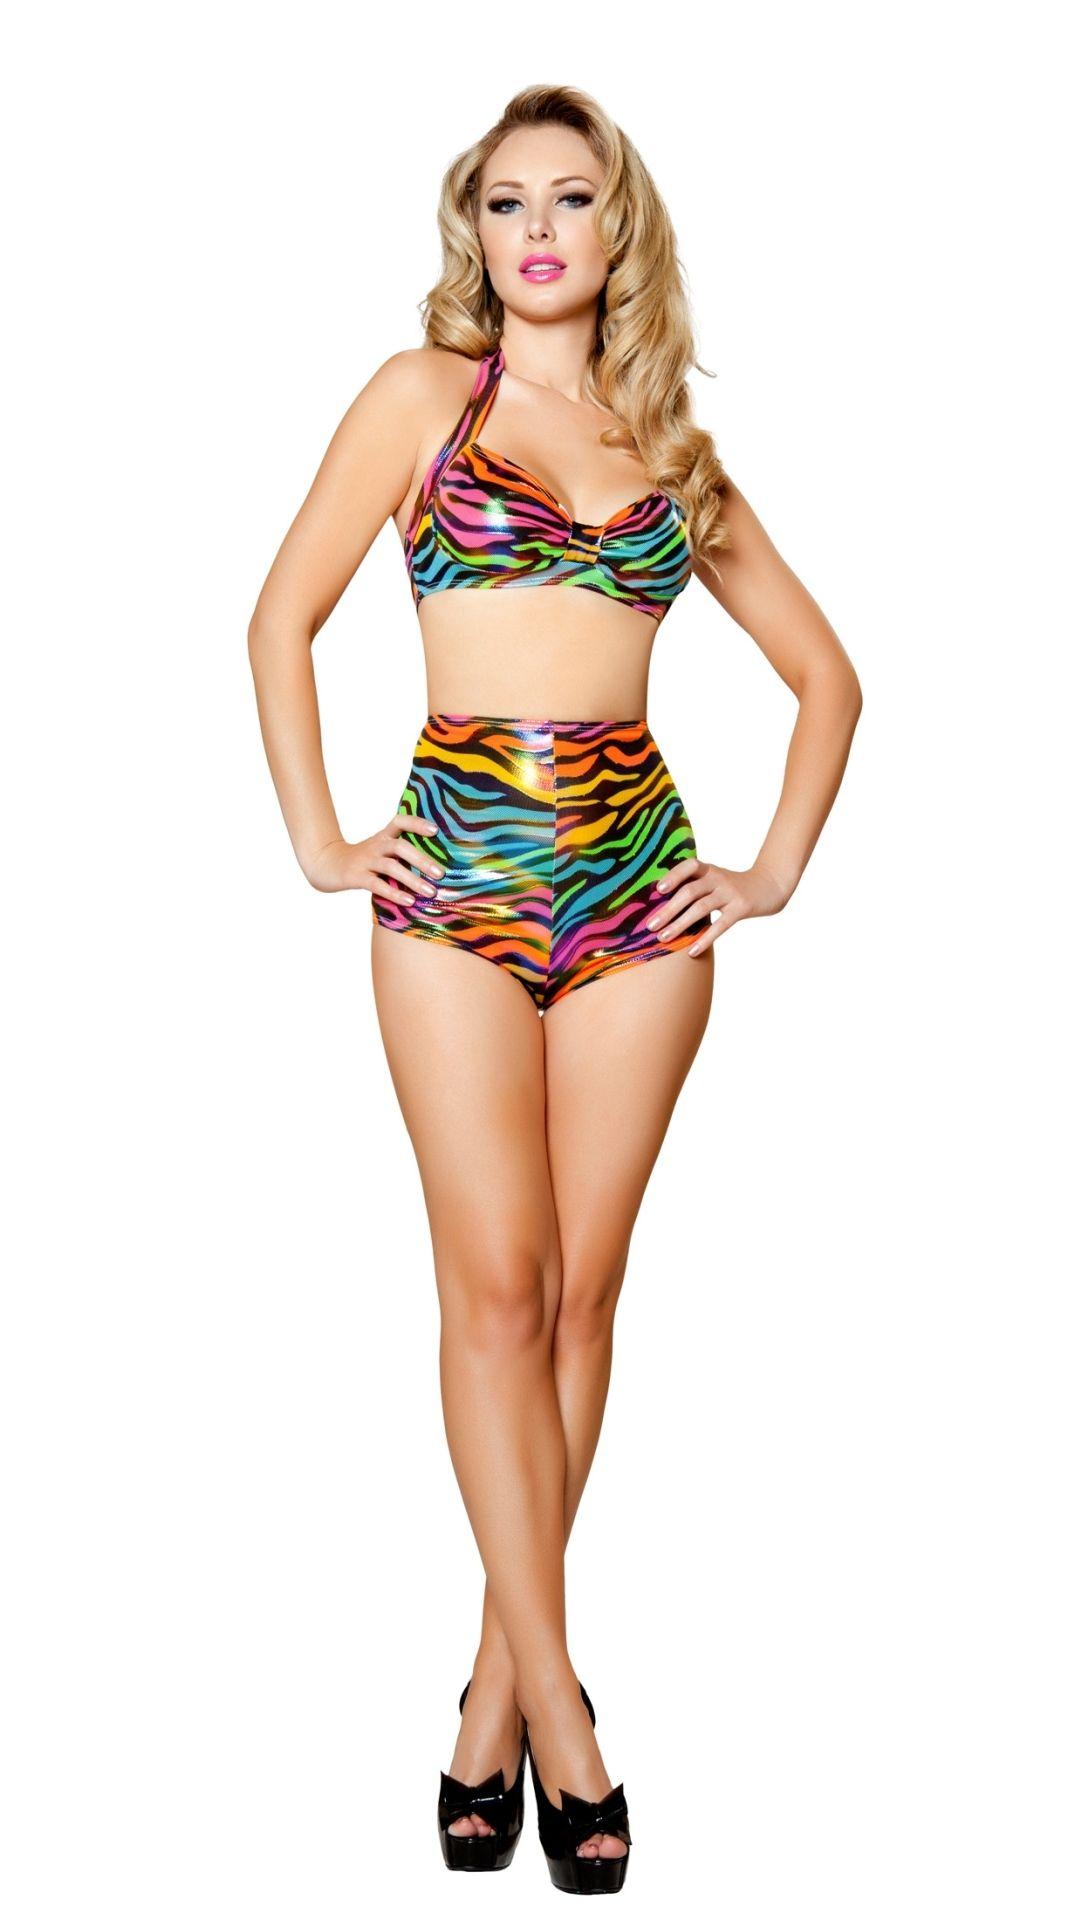 df9ca93412c64 Sexy Vintage Bikini wit Rainbow Zebra Print, High Waist Panties & Bra Top